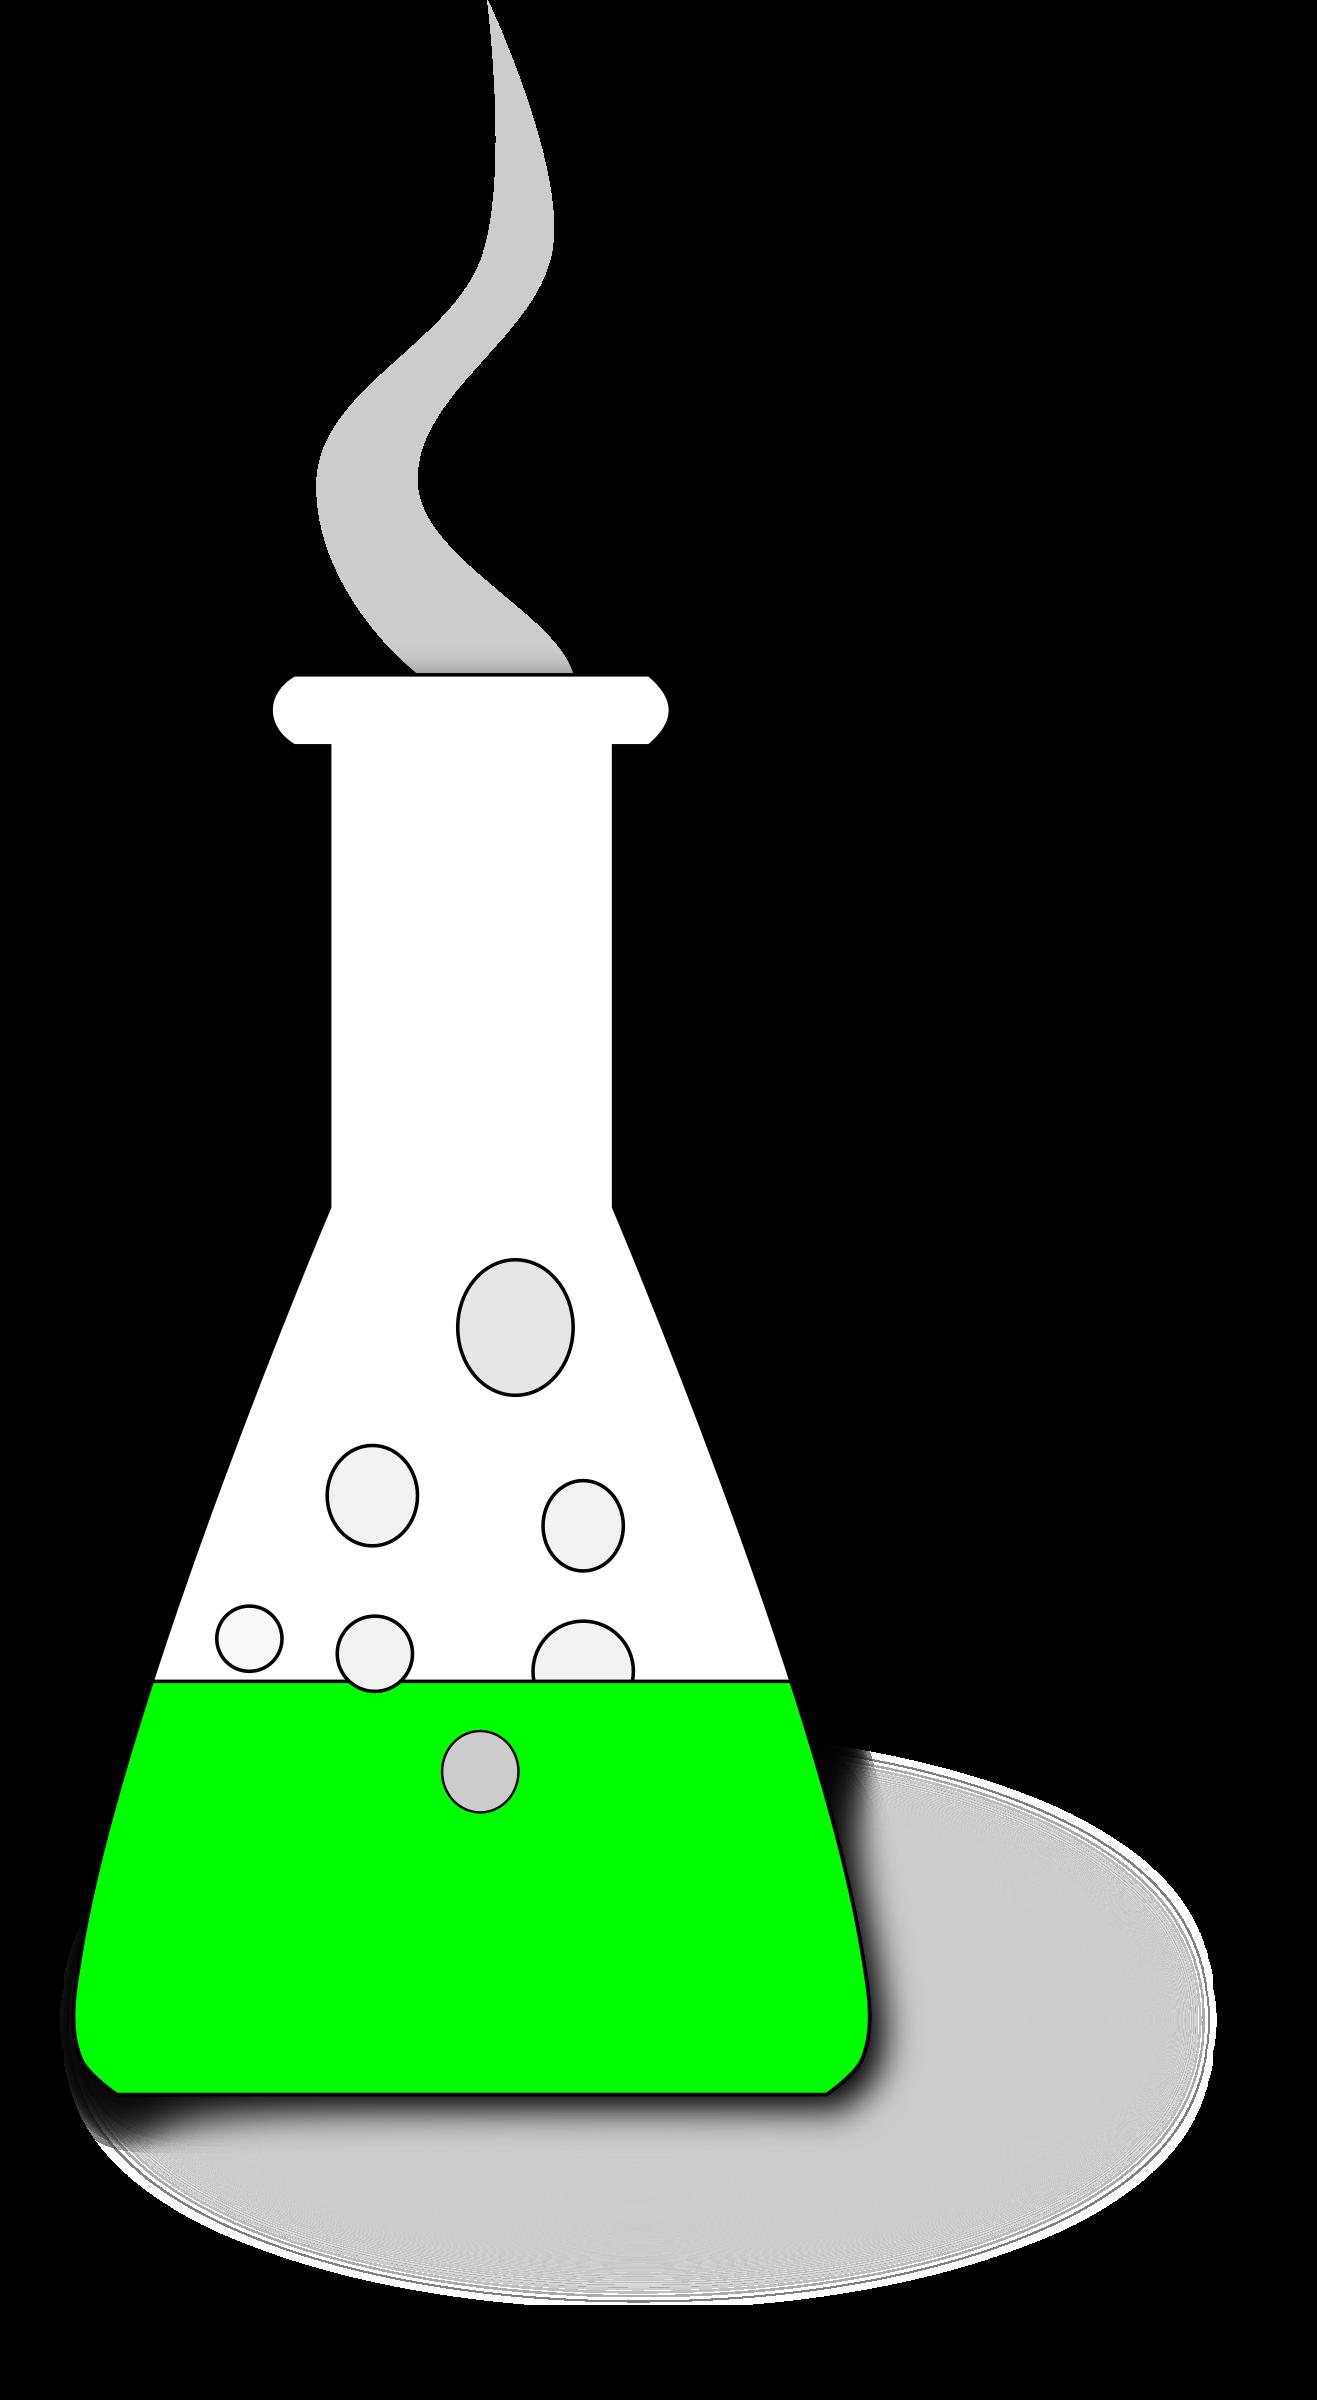 Clipart Potion